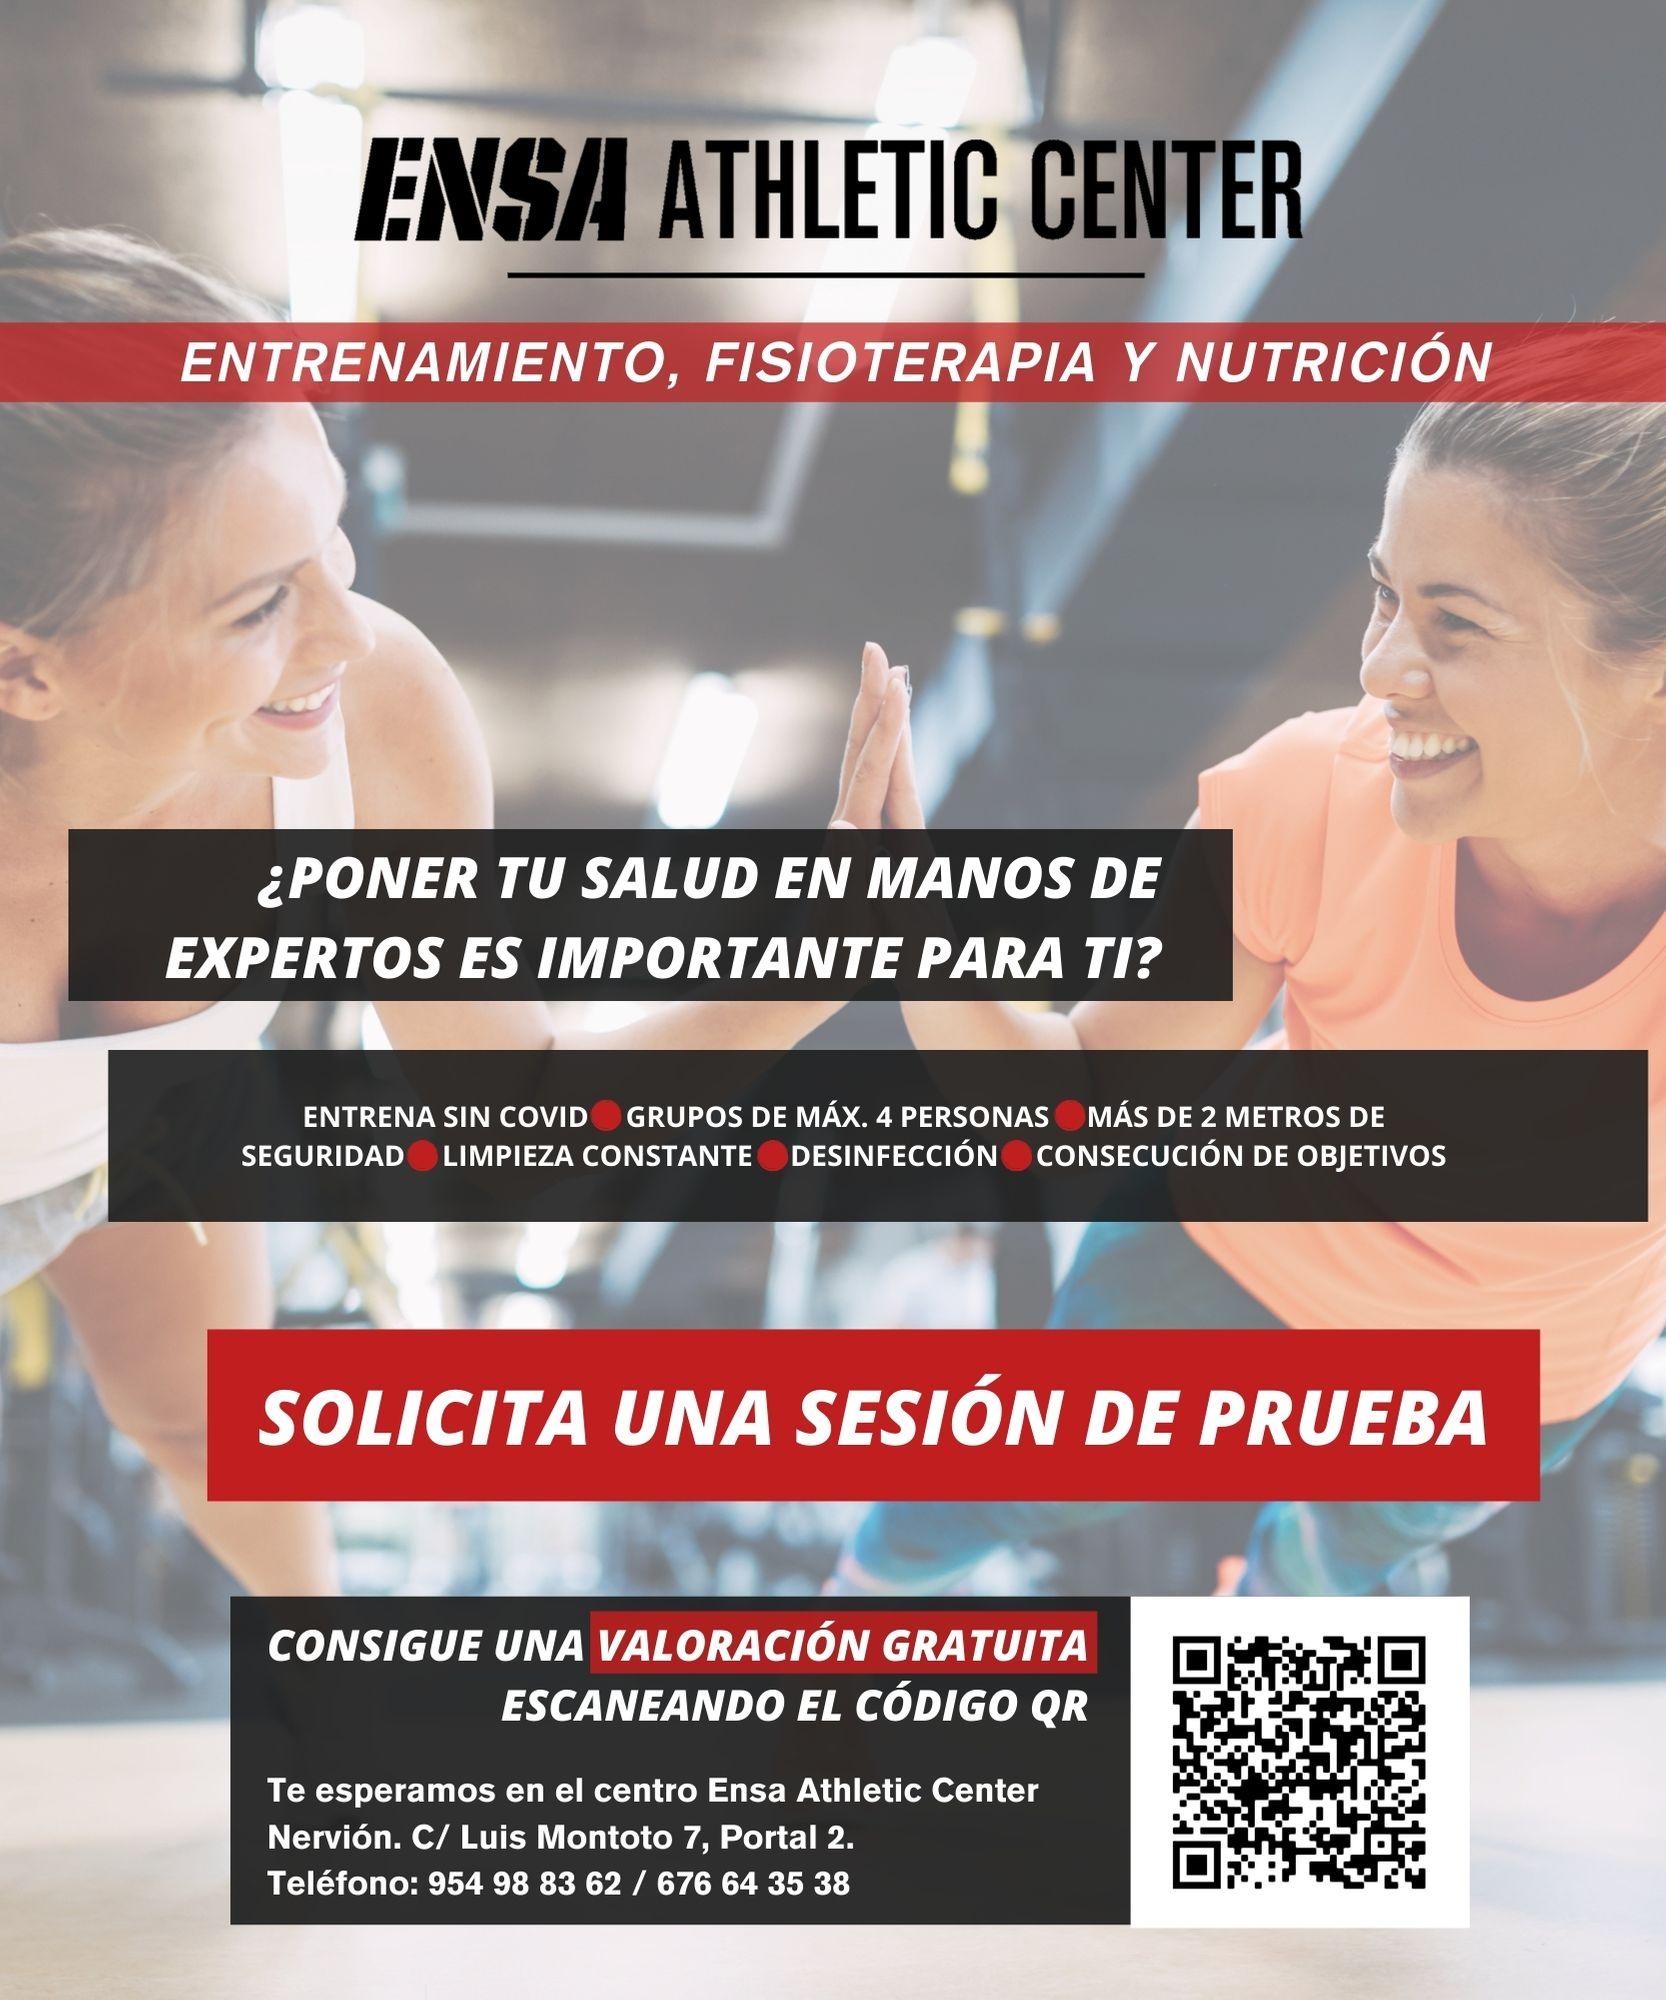 Sesión gratuita Centro Ensa Athletic Center